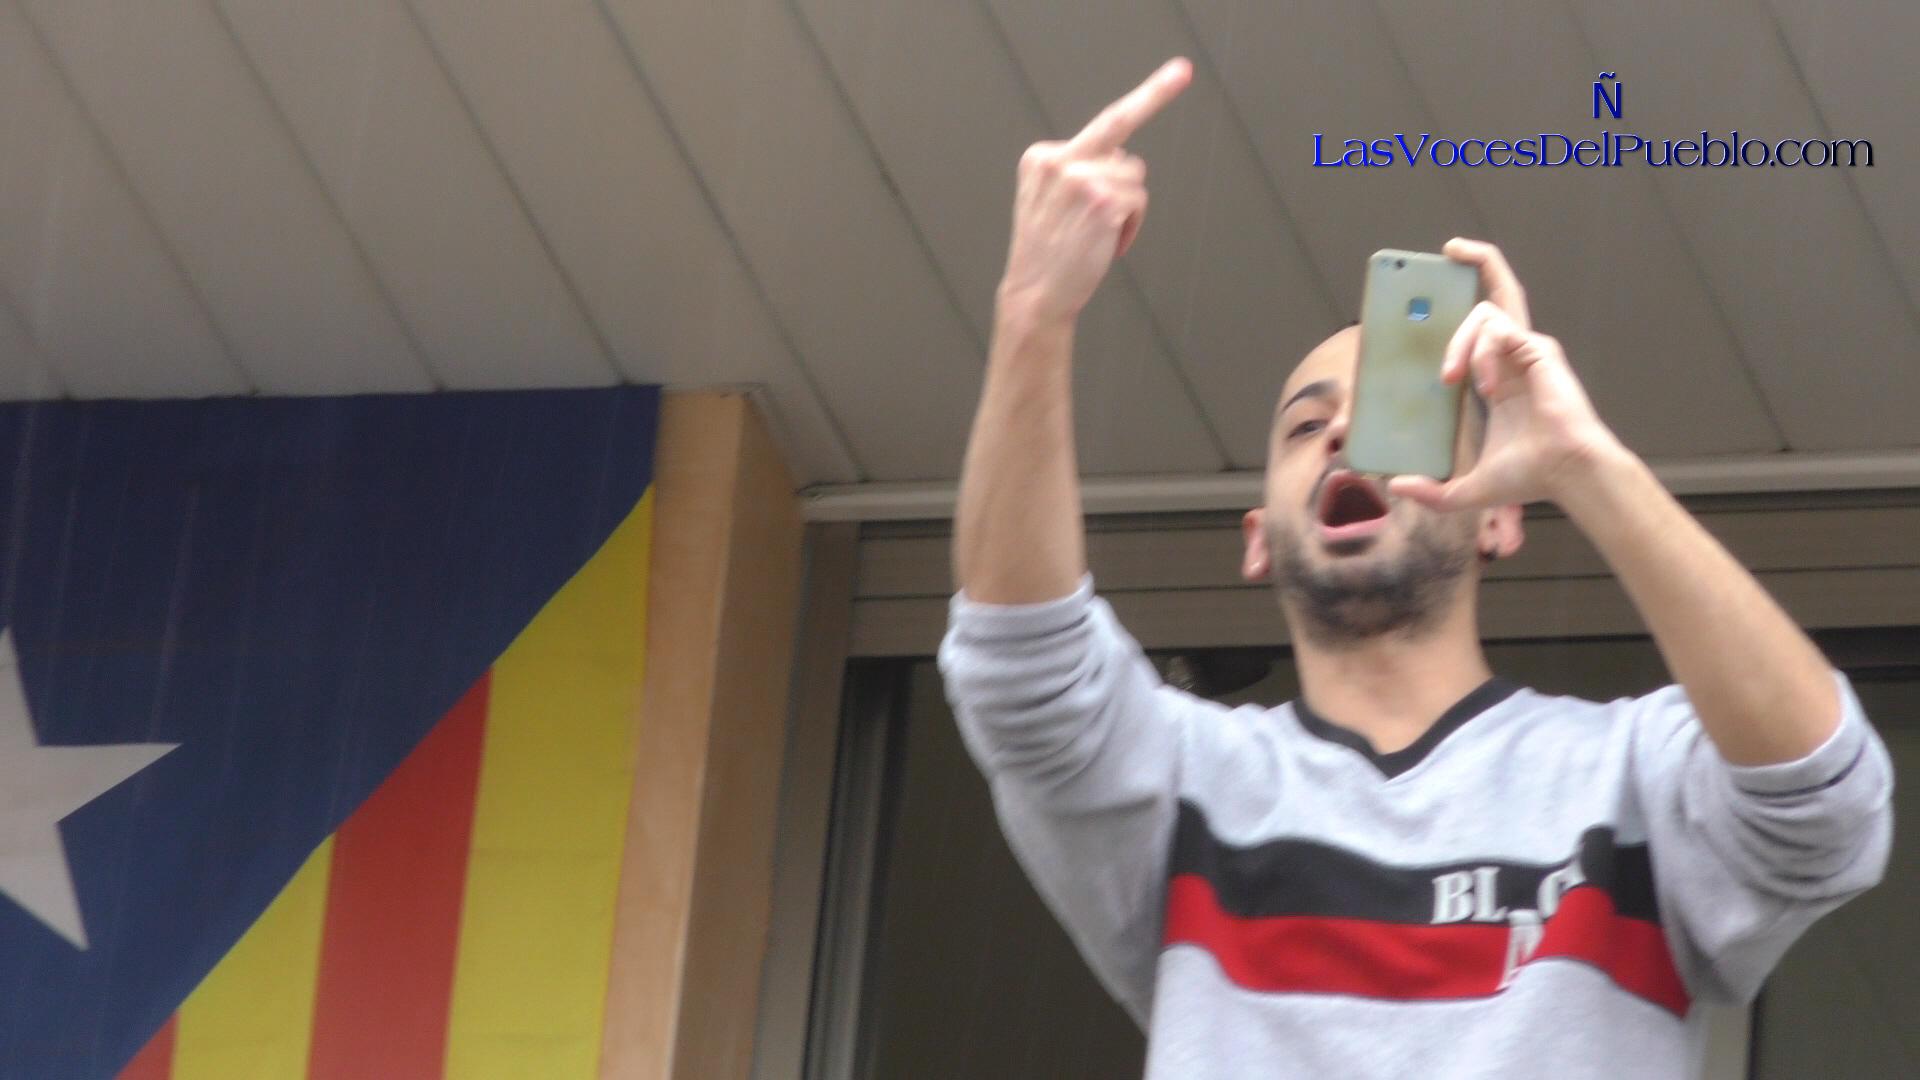 Mira lo que hace un fascista de la República ante gente pacífica en Manresa